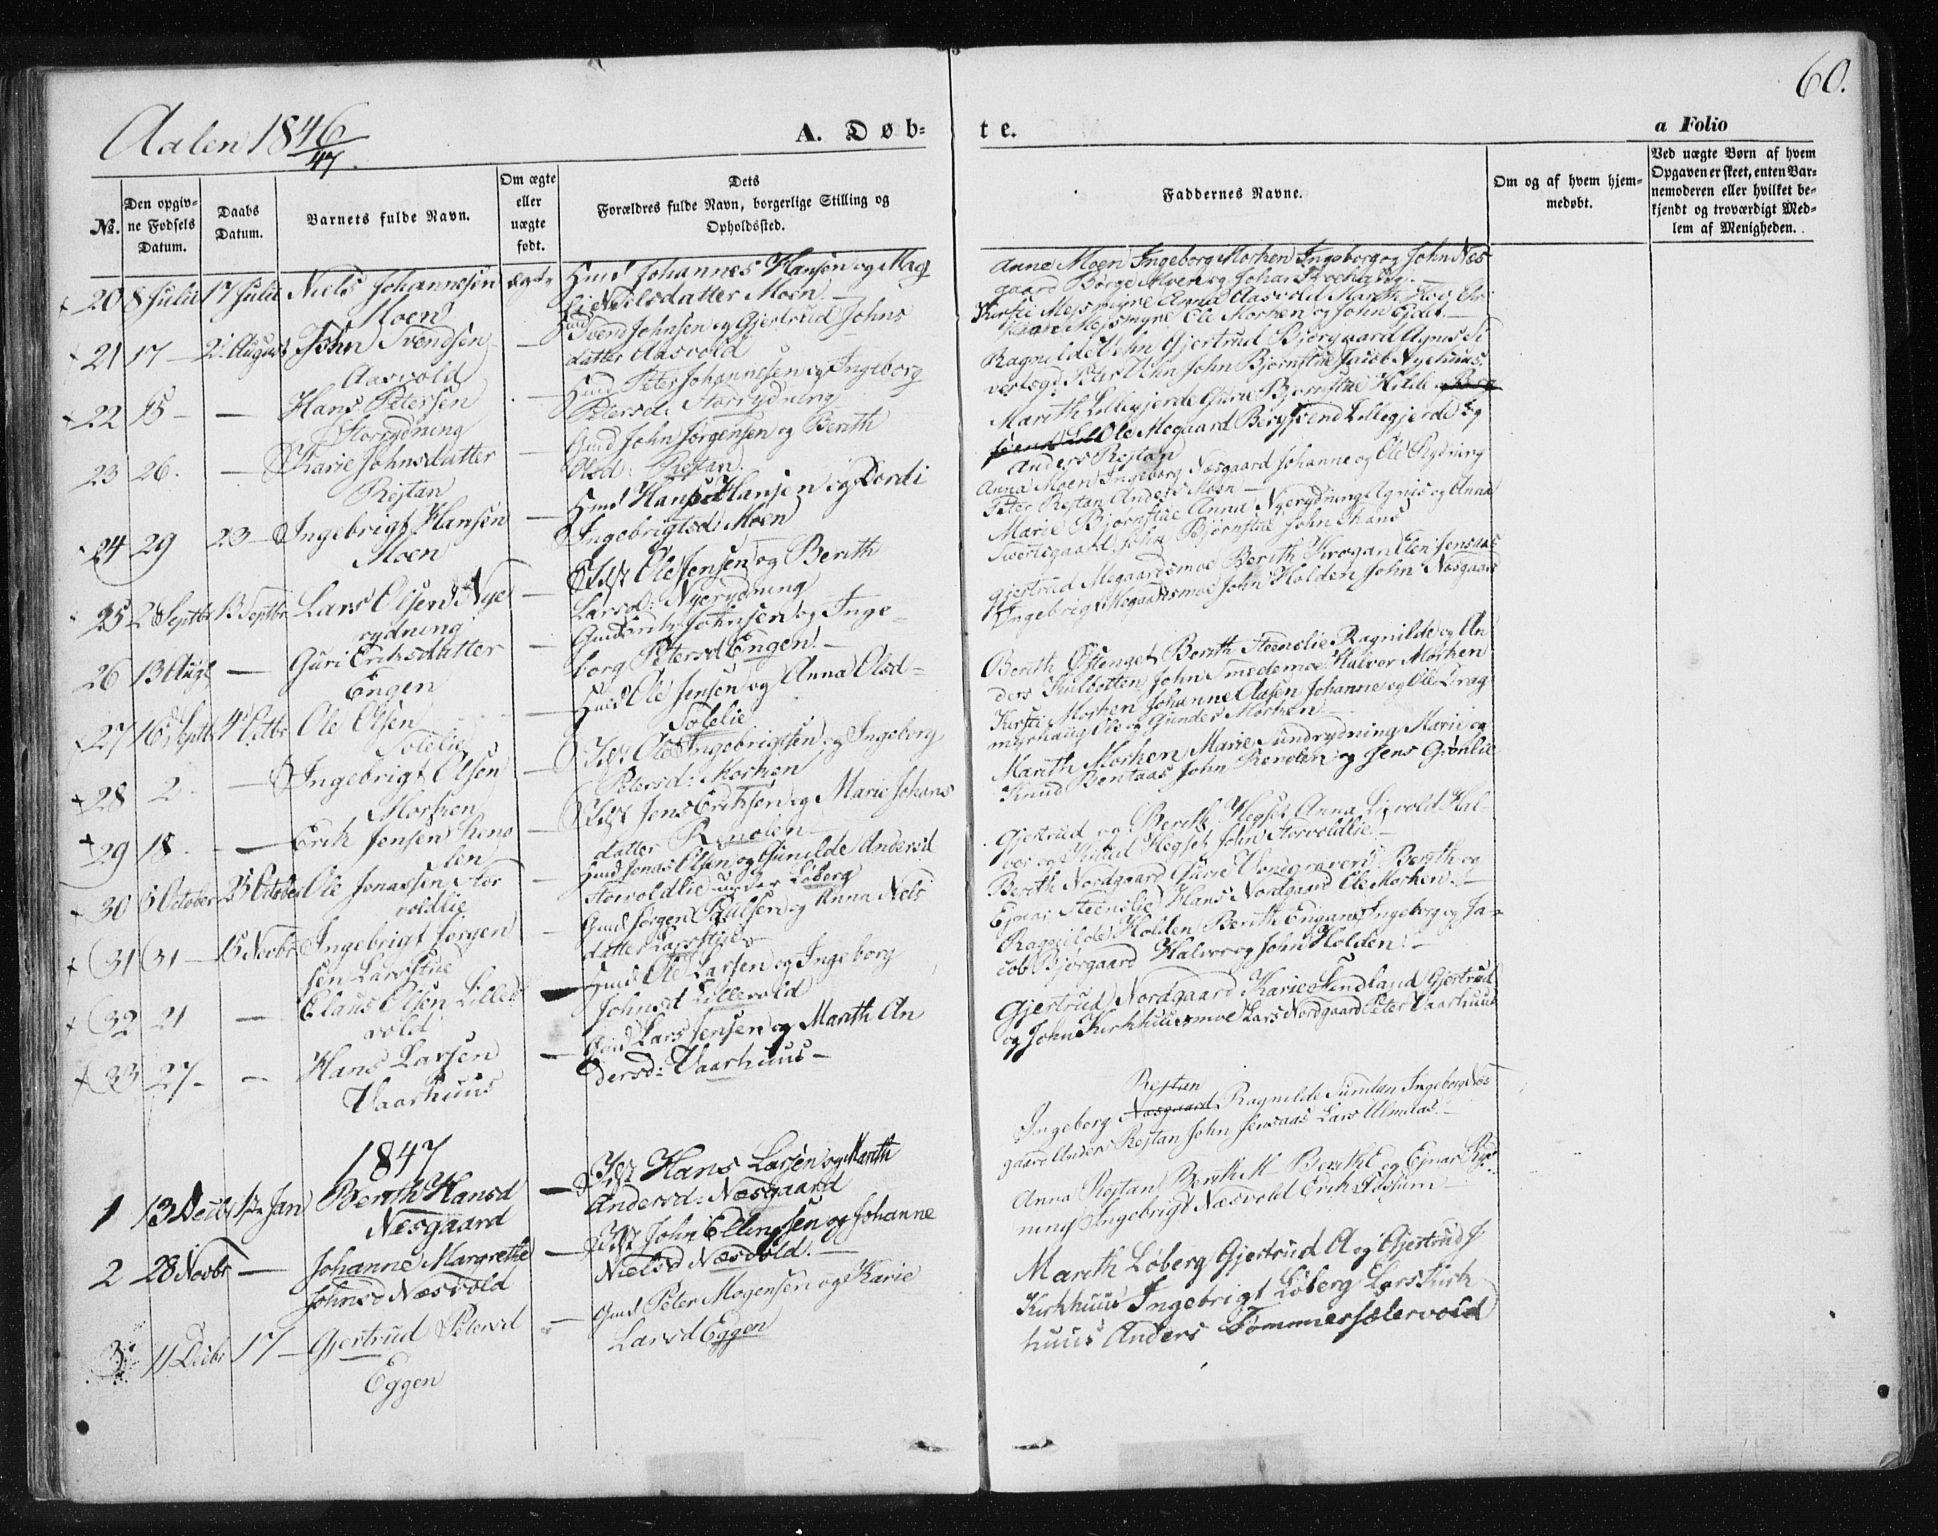 SAT, Ministerialprotokoller, klokkerbøker og fødselsregistre - Sør-Trøndelag, 685/L0965: Ministerialbok nr. 685A06 /3, 1846-1859, s. 60